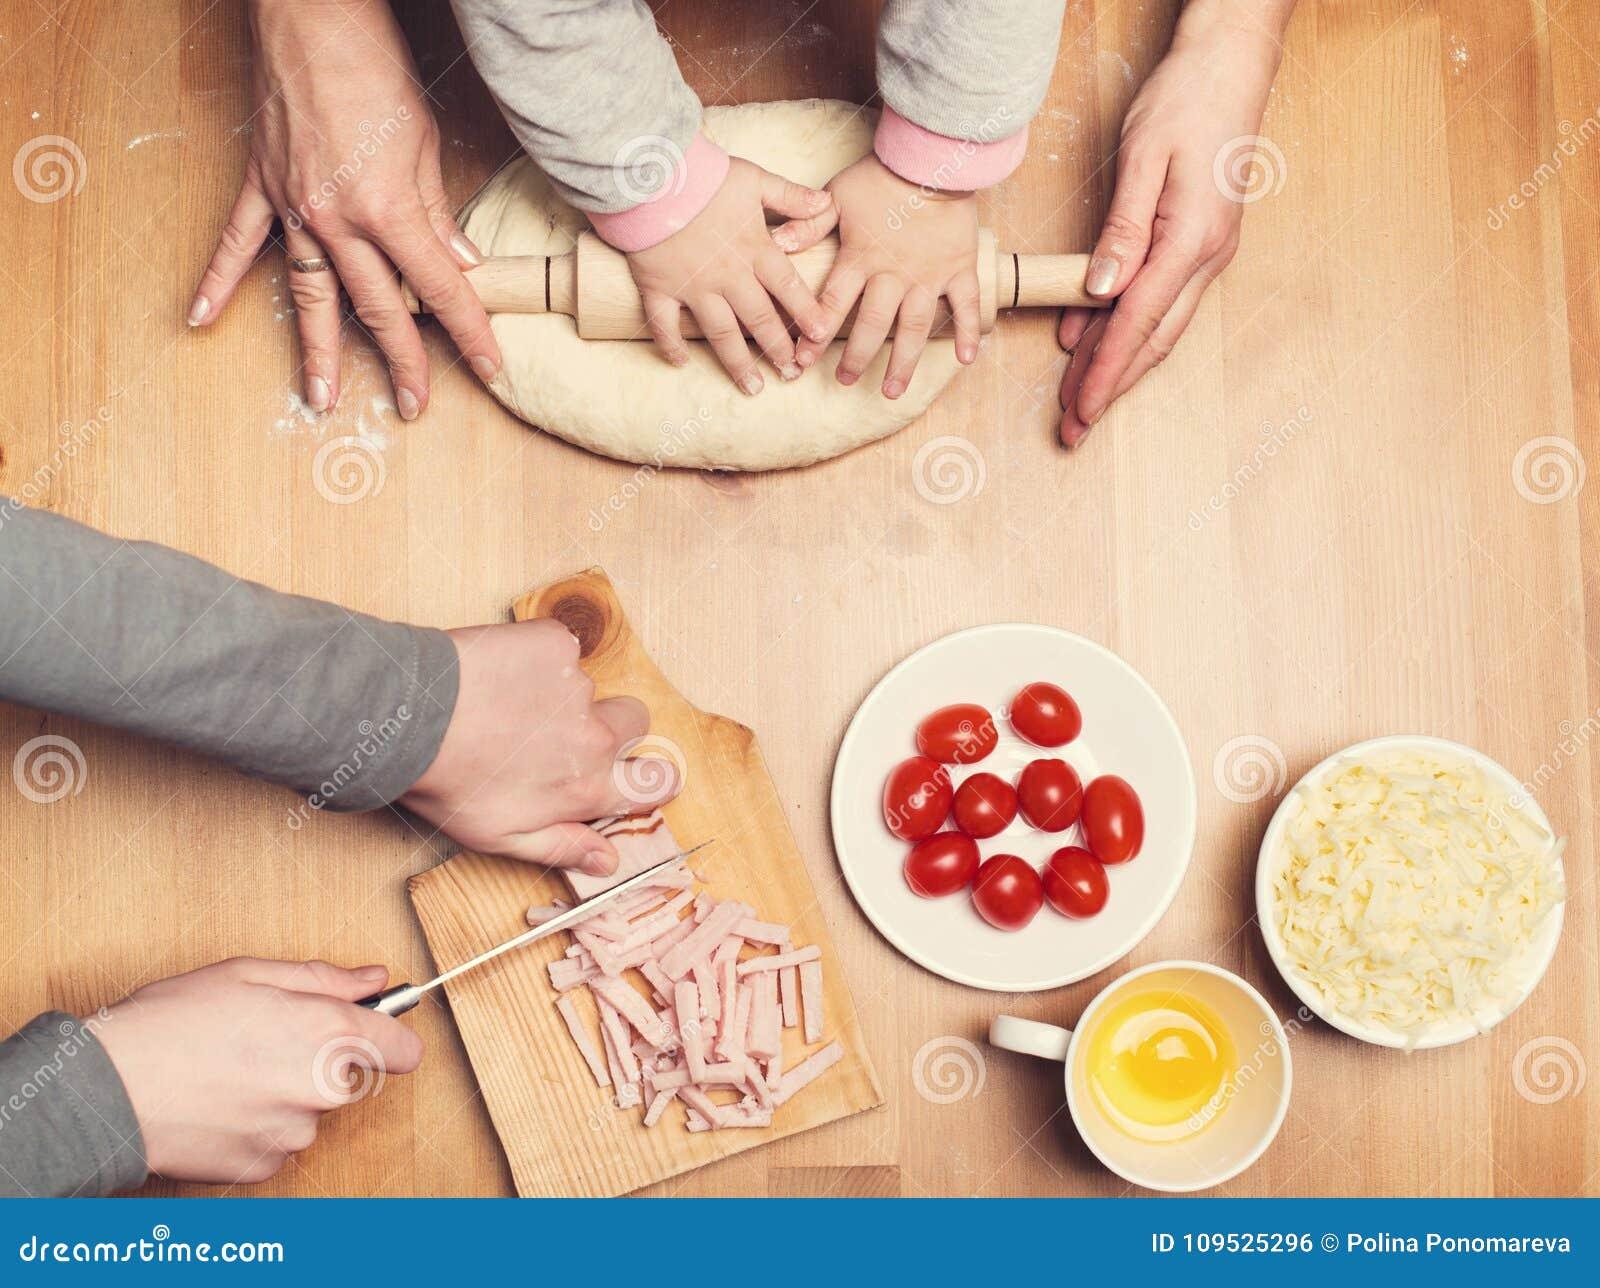 Bedrijvige handen Het koken met kinderen Kind en moederhand